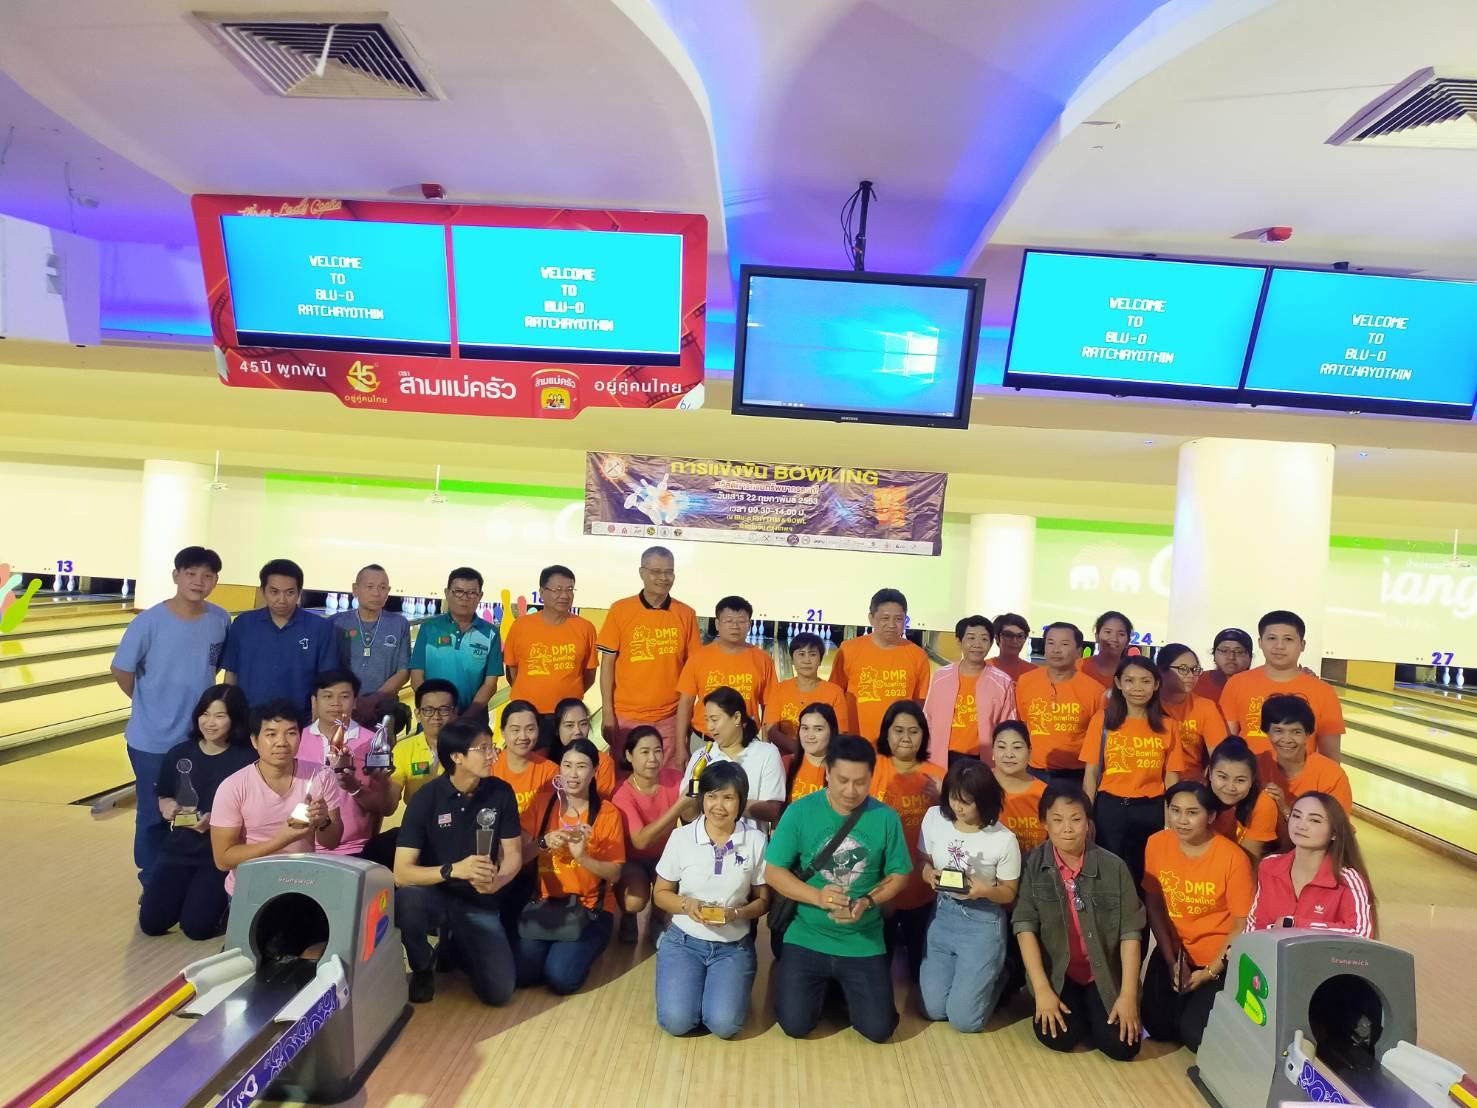 วิศวกรรมสถานแห่งประเทศไทยฯ (วสท.) ส่งทีมแข่งขันโบว์ลิ่งการกุศล เพื่อหารายได้สนับสนุนกิจกรรมของสวัสดิการกรมทรัพยากรธรณี